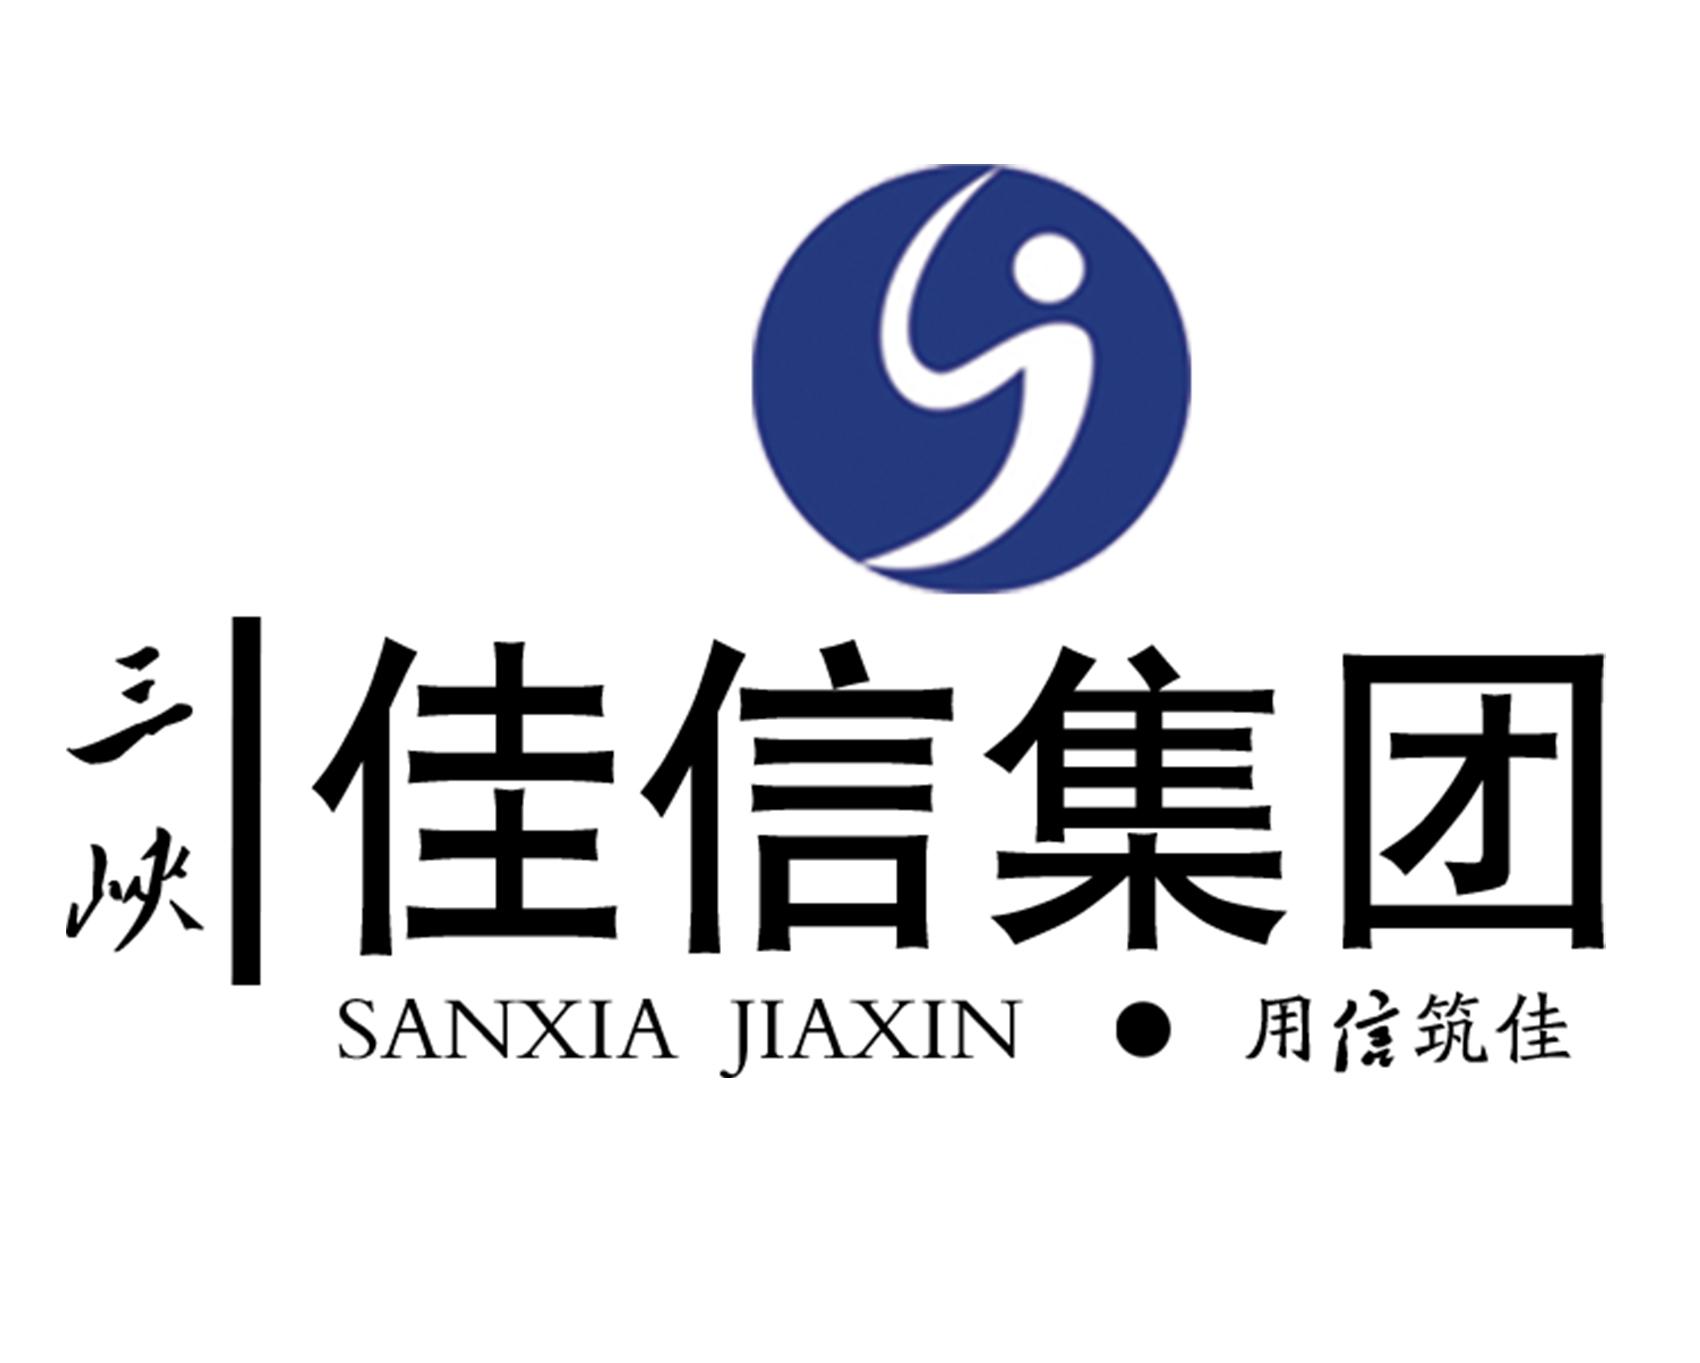 重庆市三峡佳信实业(集团)有限公司